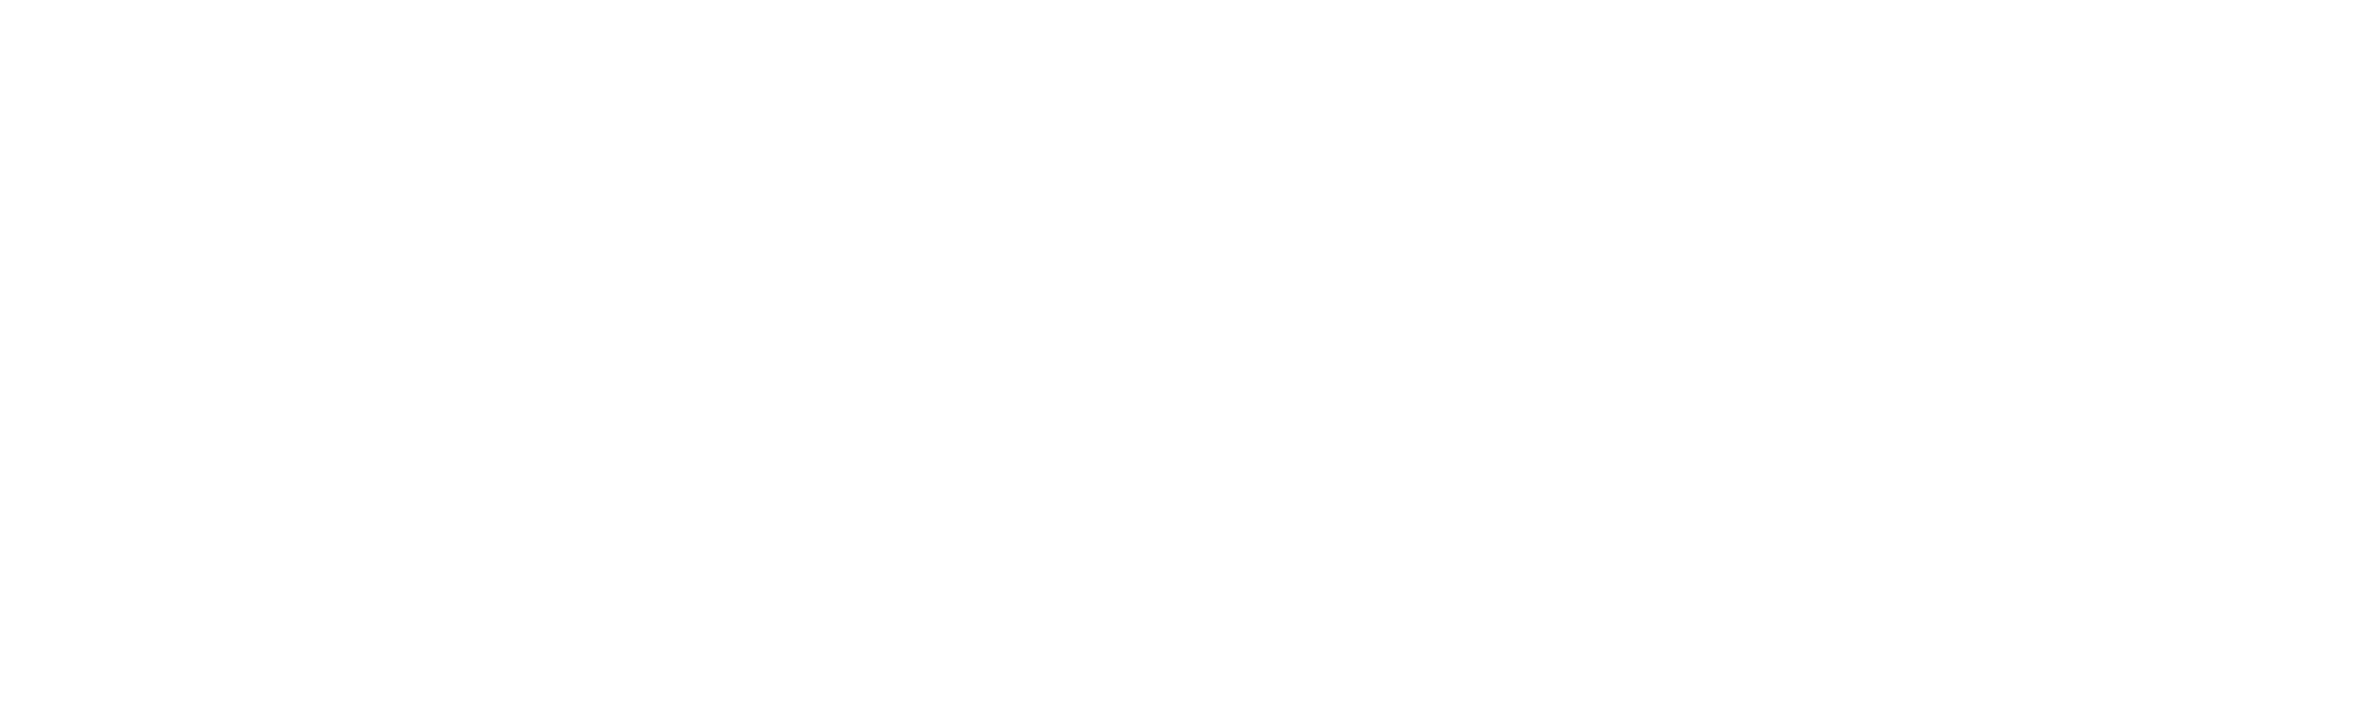 Spotify_Logo_White